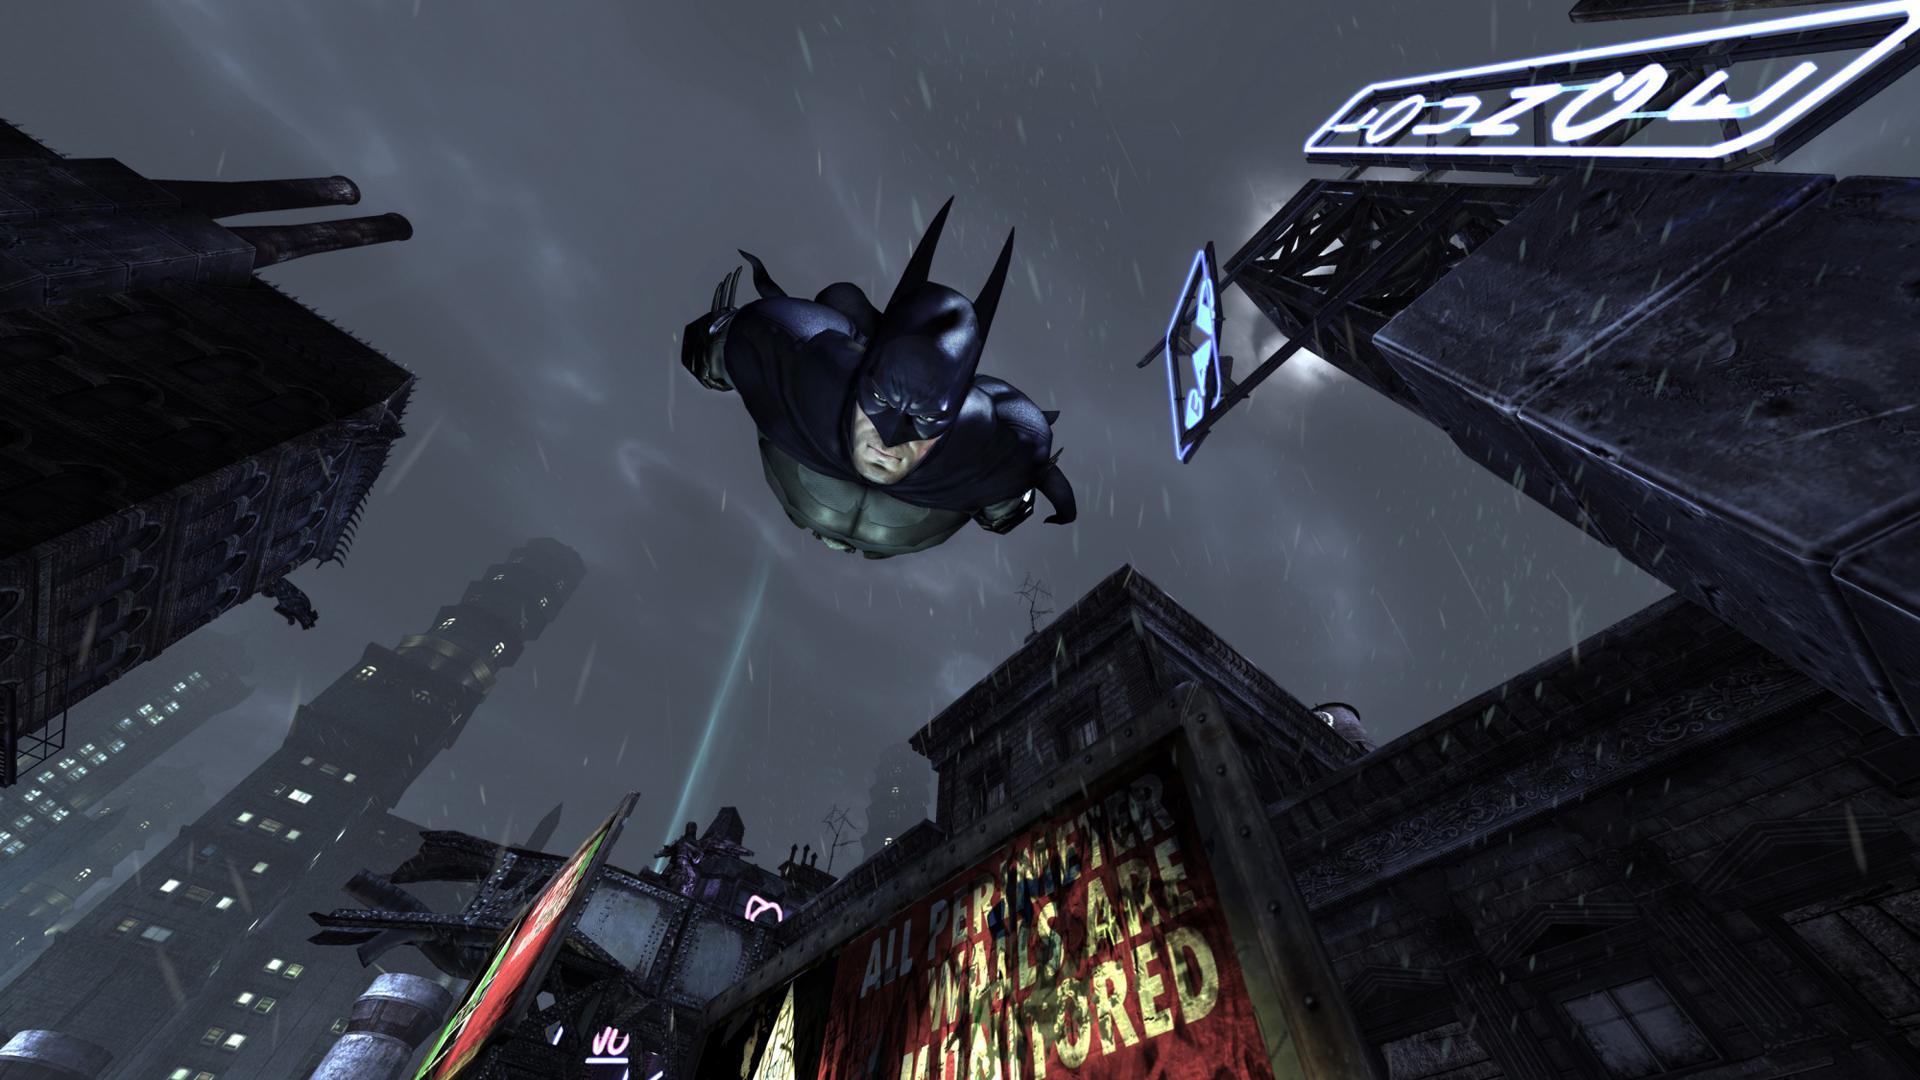 http://3.bp.blogspot.com/-uW8OYd3AfOA/Tl91cHWav6I/AAAAAAAAZHQ/BEnZhAMzlcE/d/Batman+-+Arkham+City+Wallpapers+%252810%2529.jpg